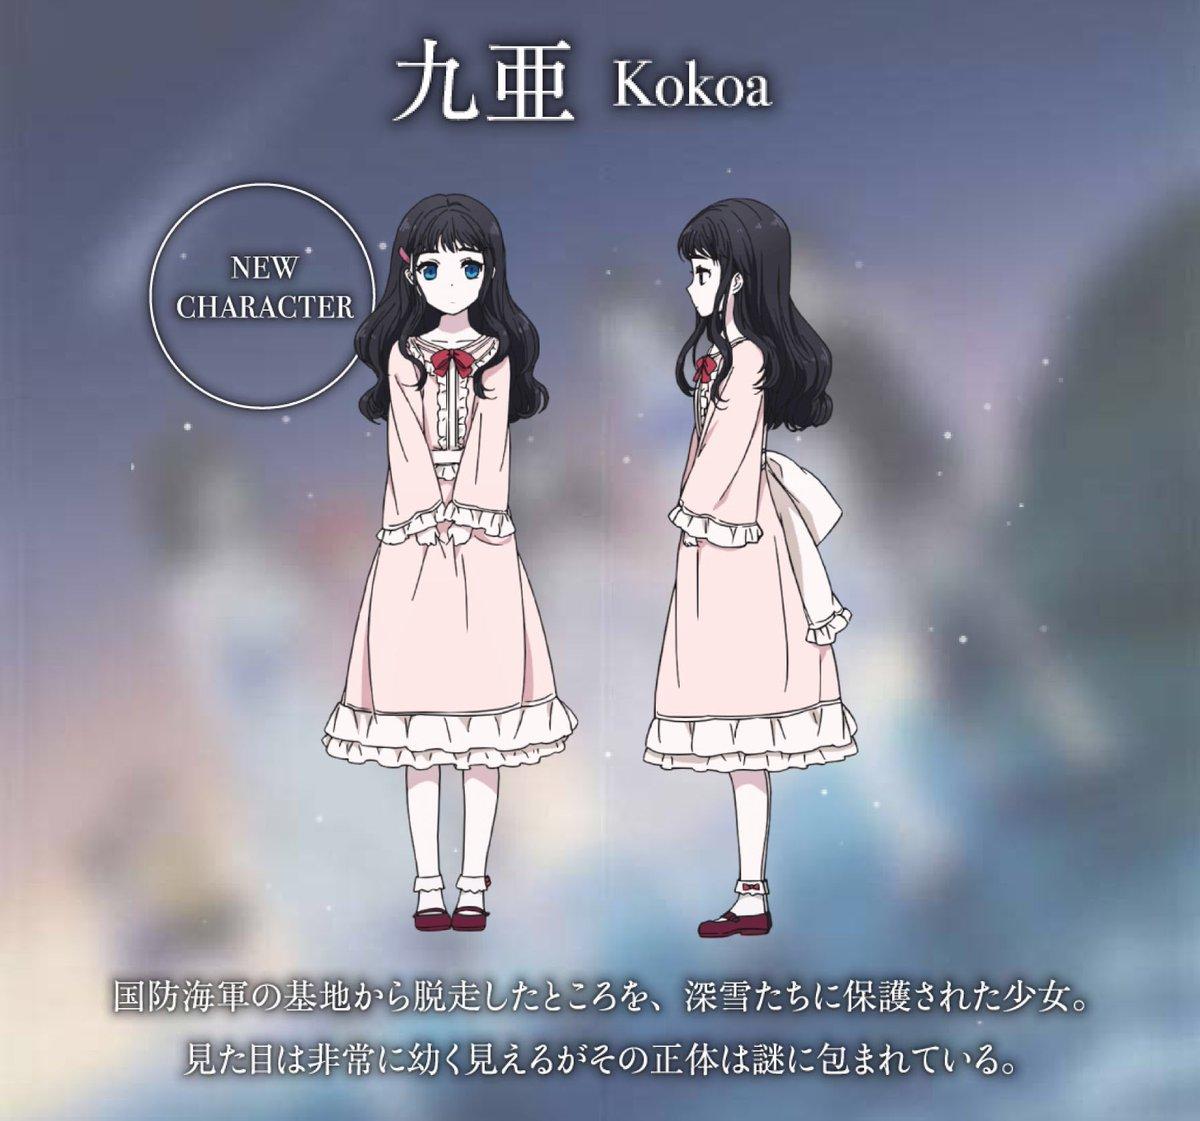 またあわせて原作イラスト・キャラクターデザインを手がける石田可奈さんによる最新キービジュアルも発表!新キャラクター・九亜